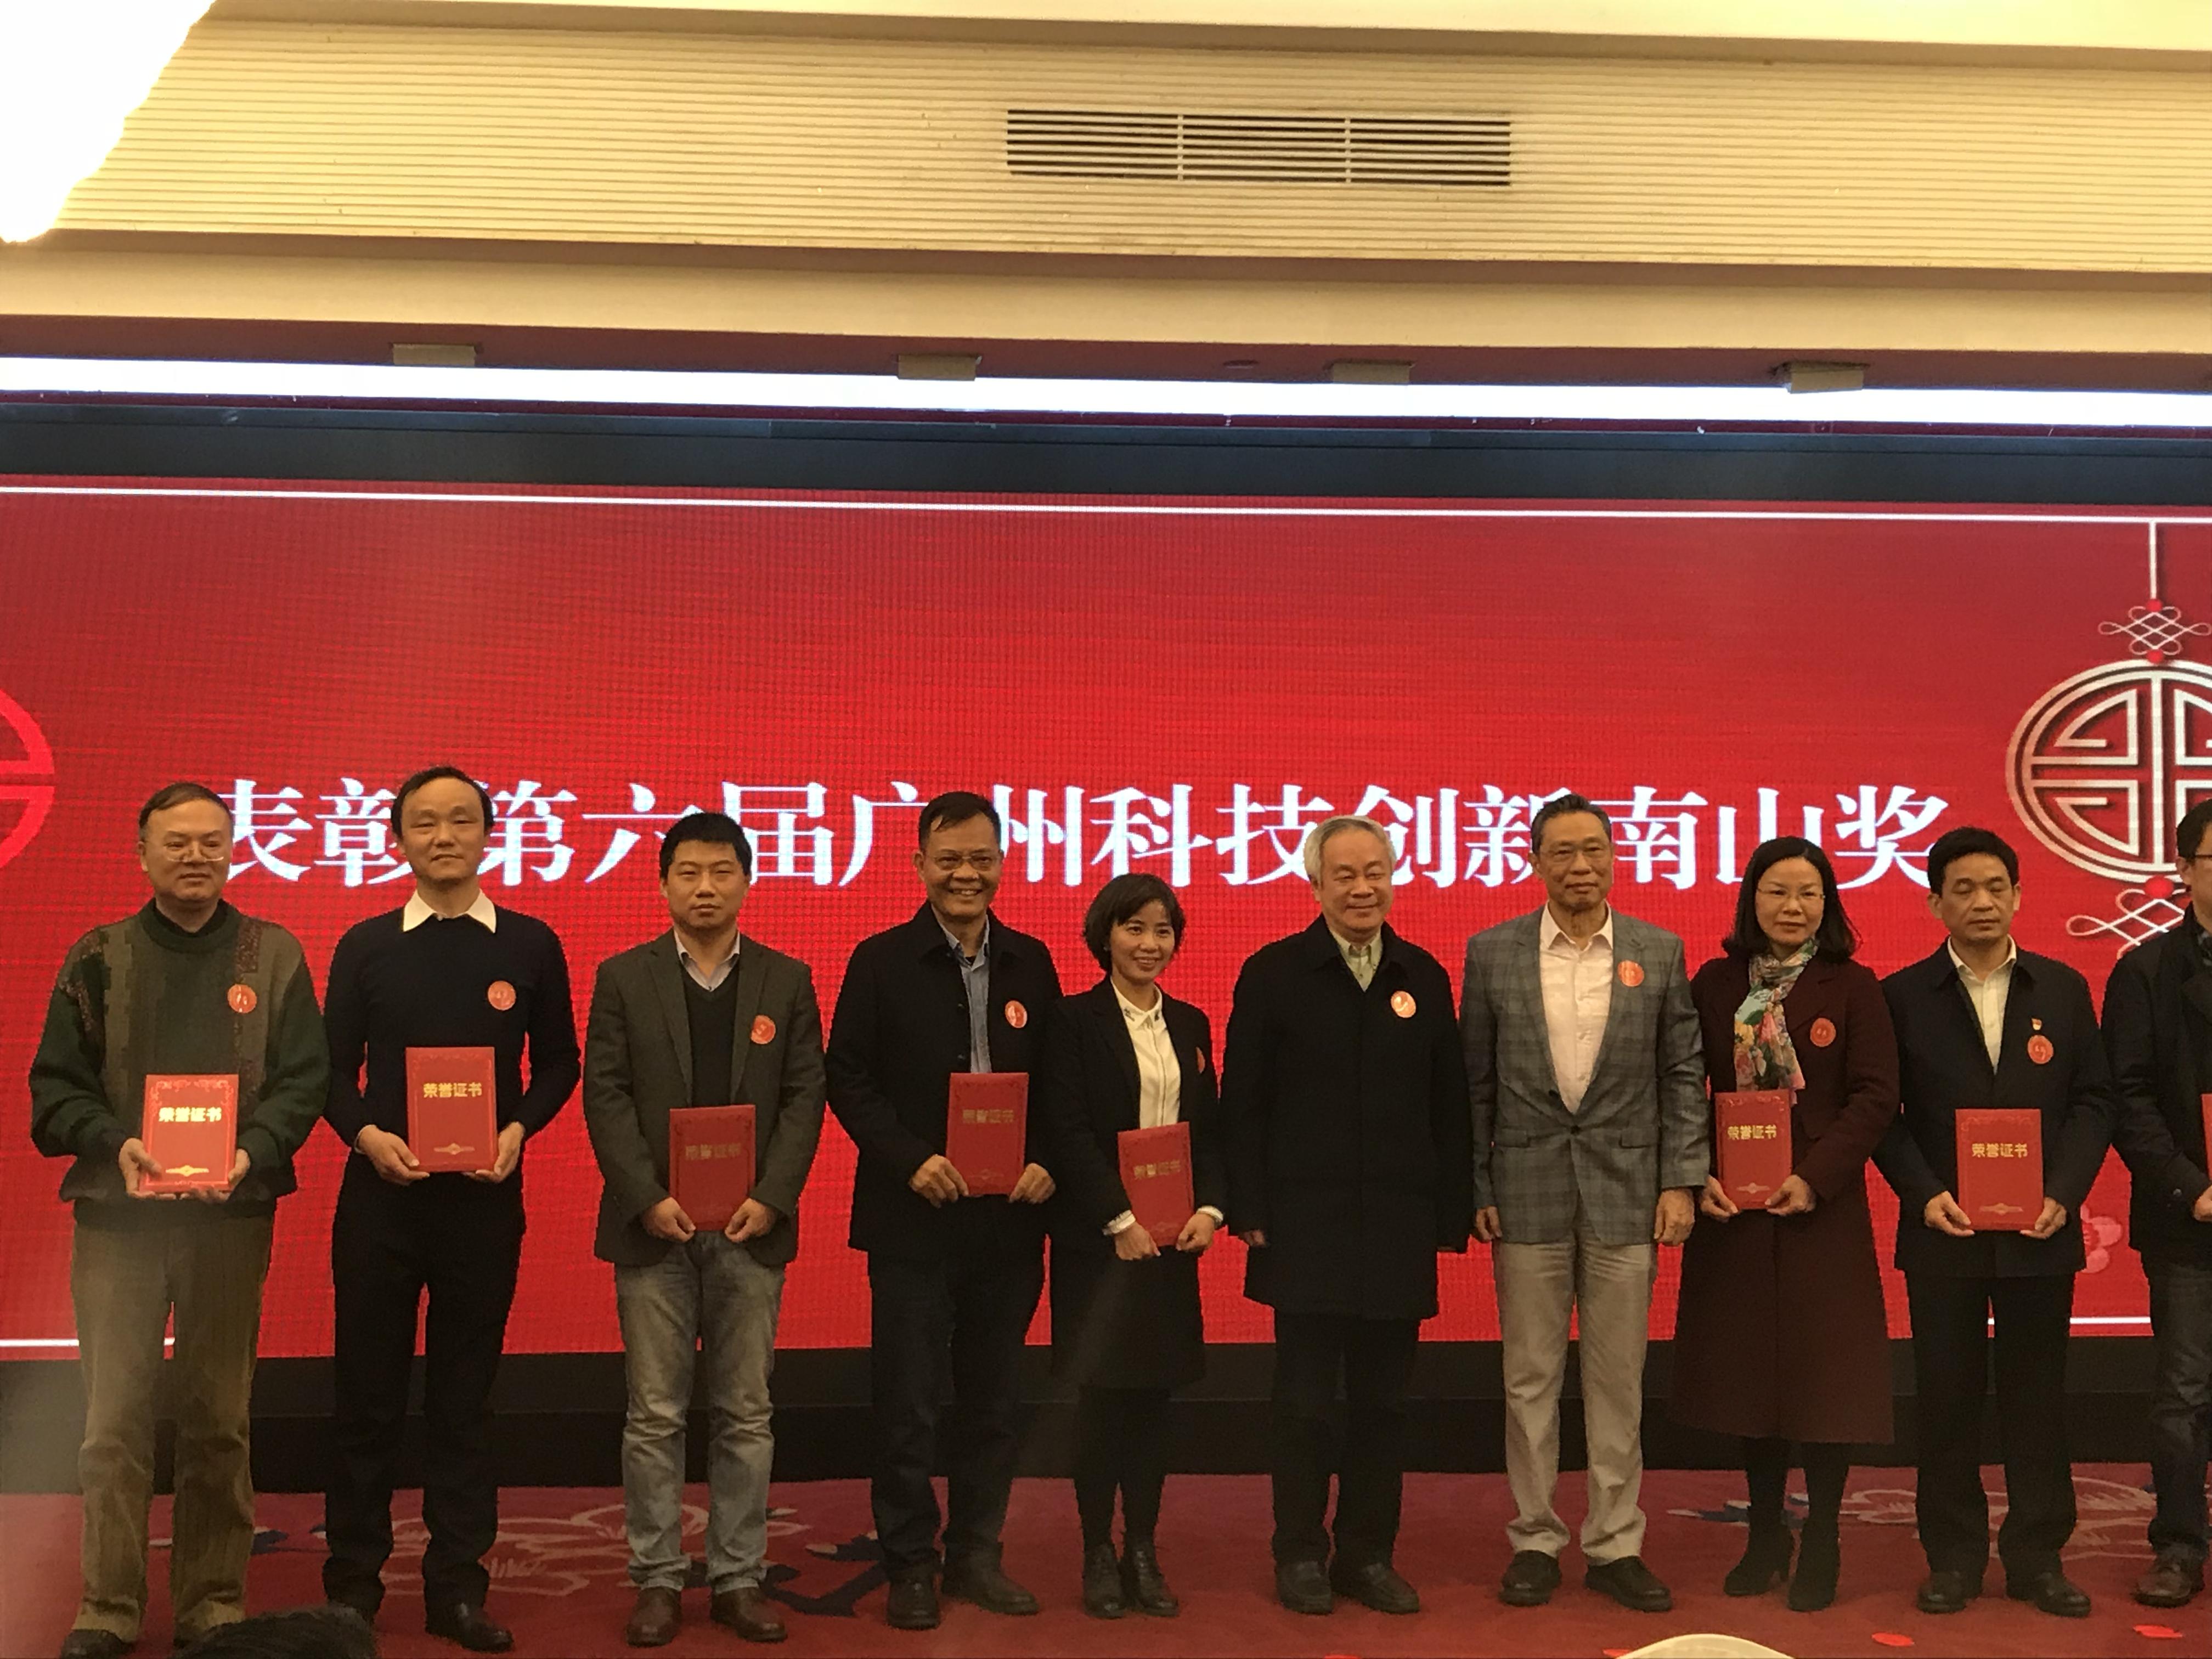 白云山制药总厂研发副厂长王健松荣获第六届广州科技创新南山奖